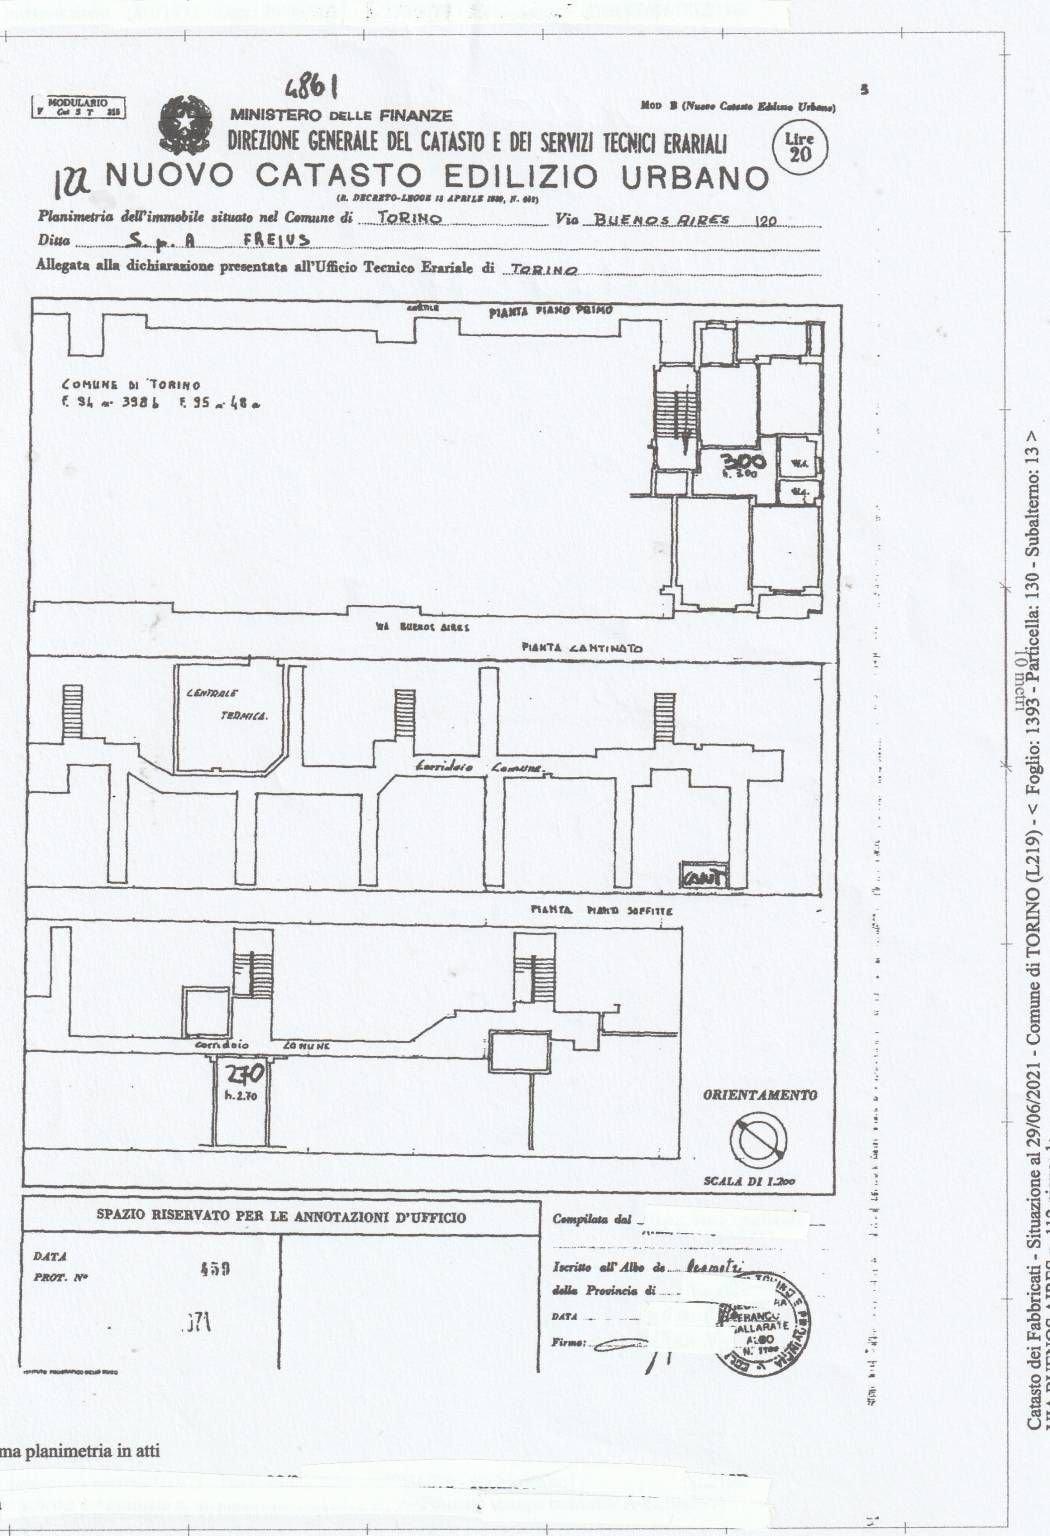 immagine 14 di 14